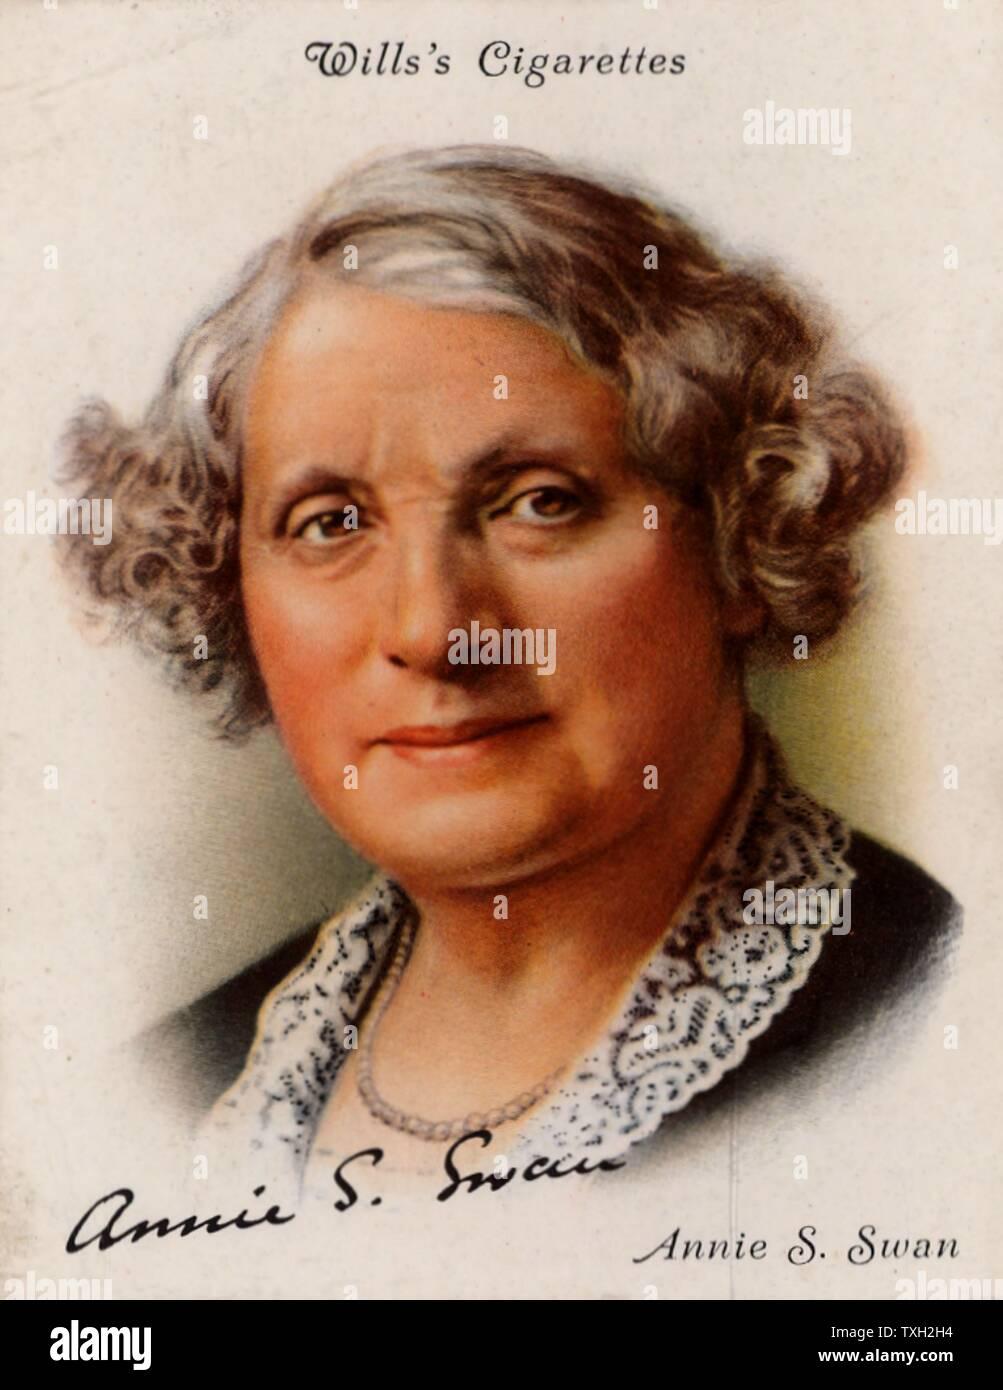 Annie S(hepherd) Swan (1859-1943) écrivain et romancier populaire écossais, né à Edimbourg. Produit jusqu'à 150 livres entre 1880 et 1926, la plupart de qui a paru entre 1880 et 1900. À partir d'une série de cartes de la célèbre 'Auteurs' (Londres, 1937). Banque D'Images